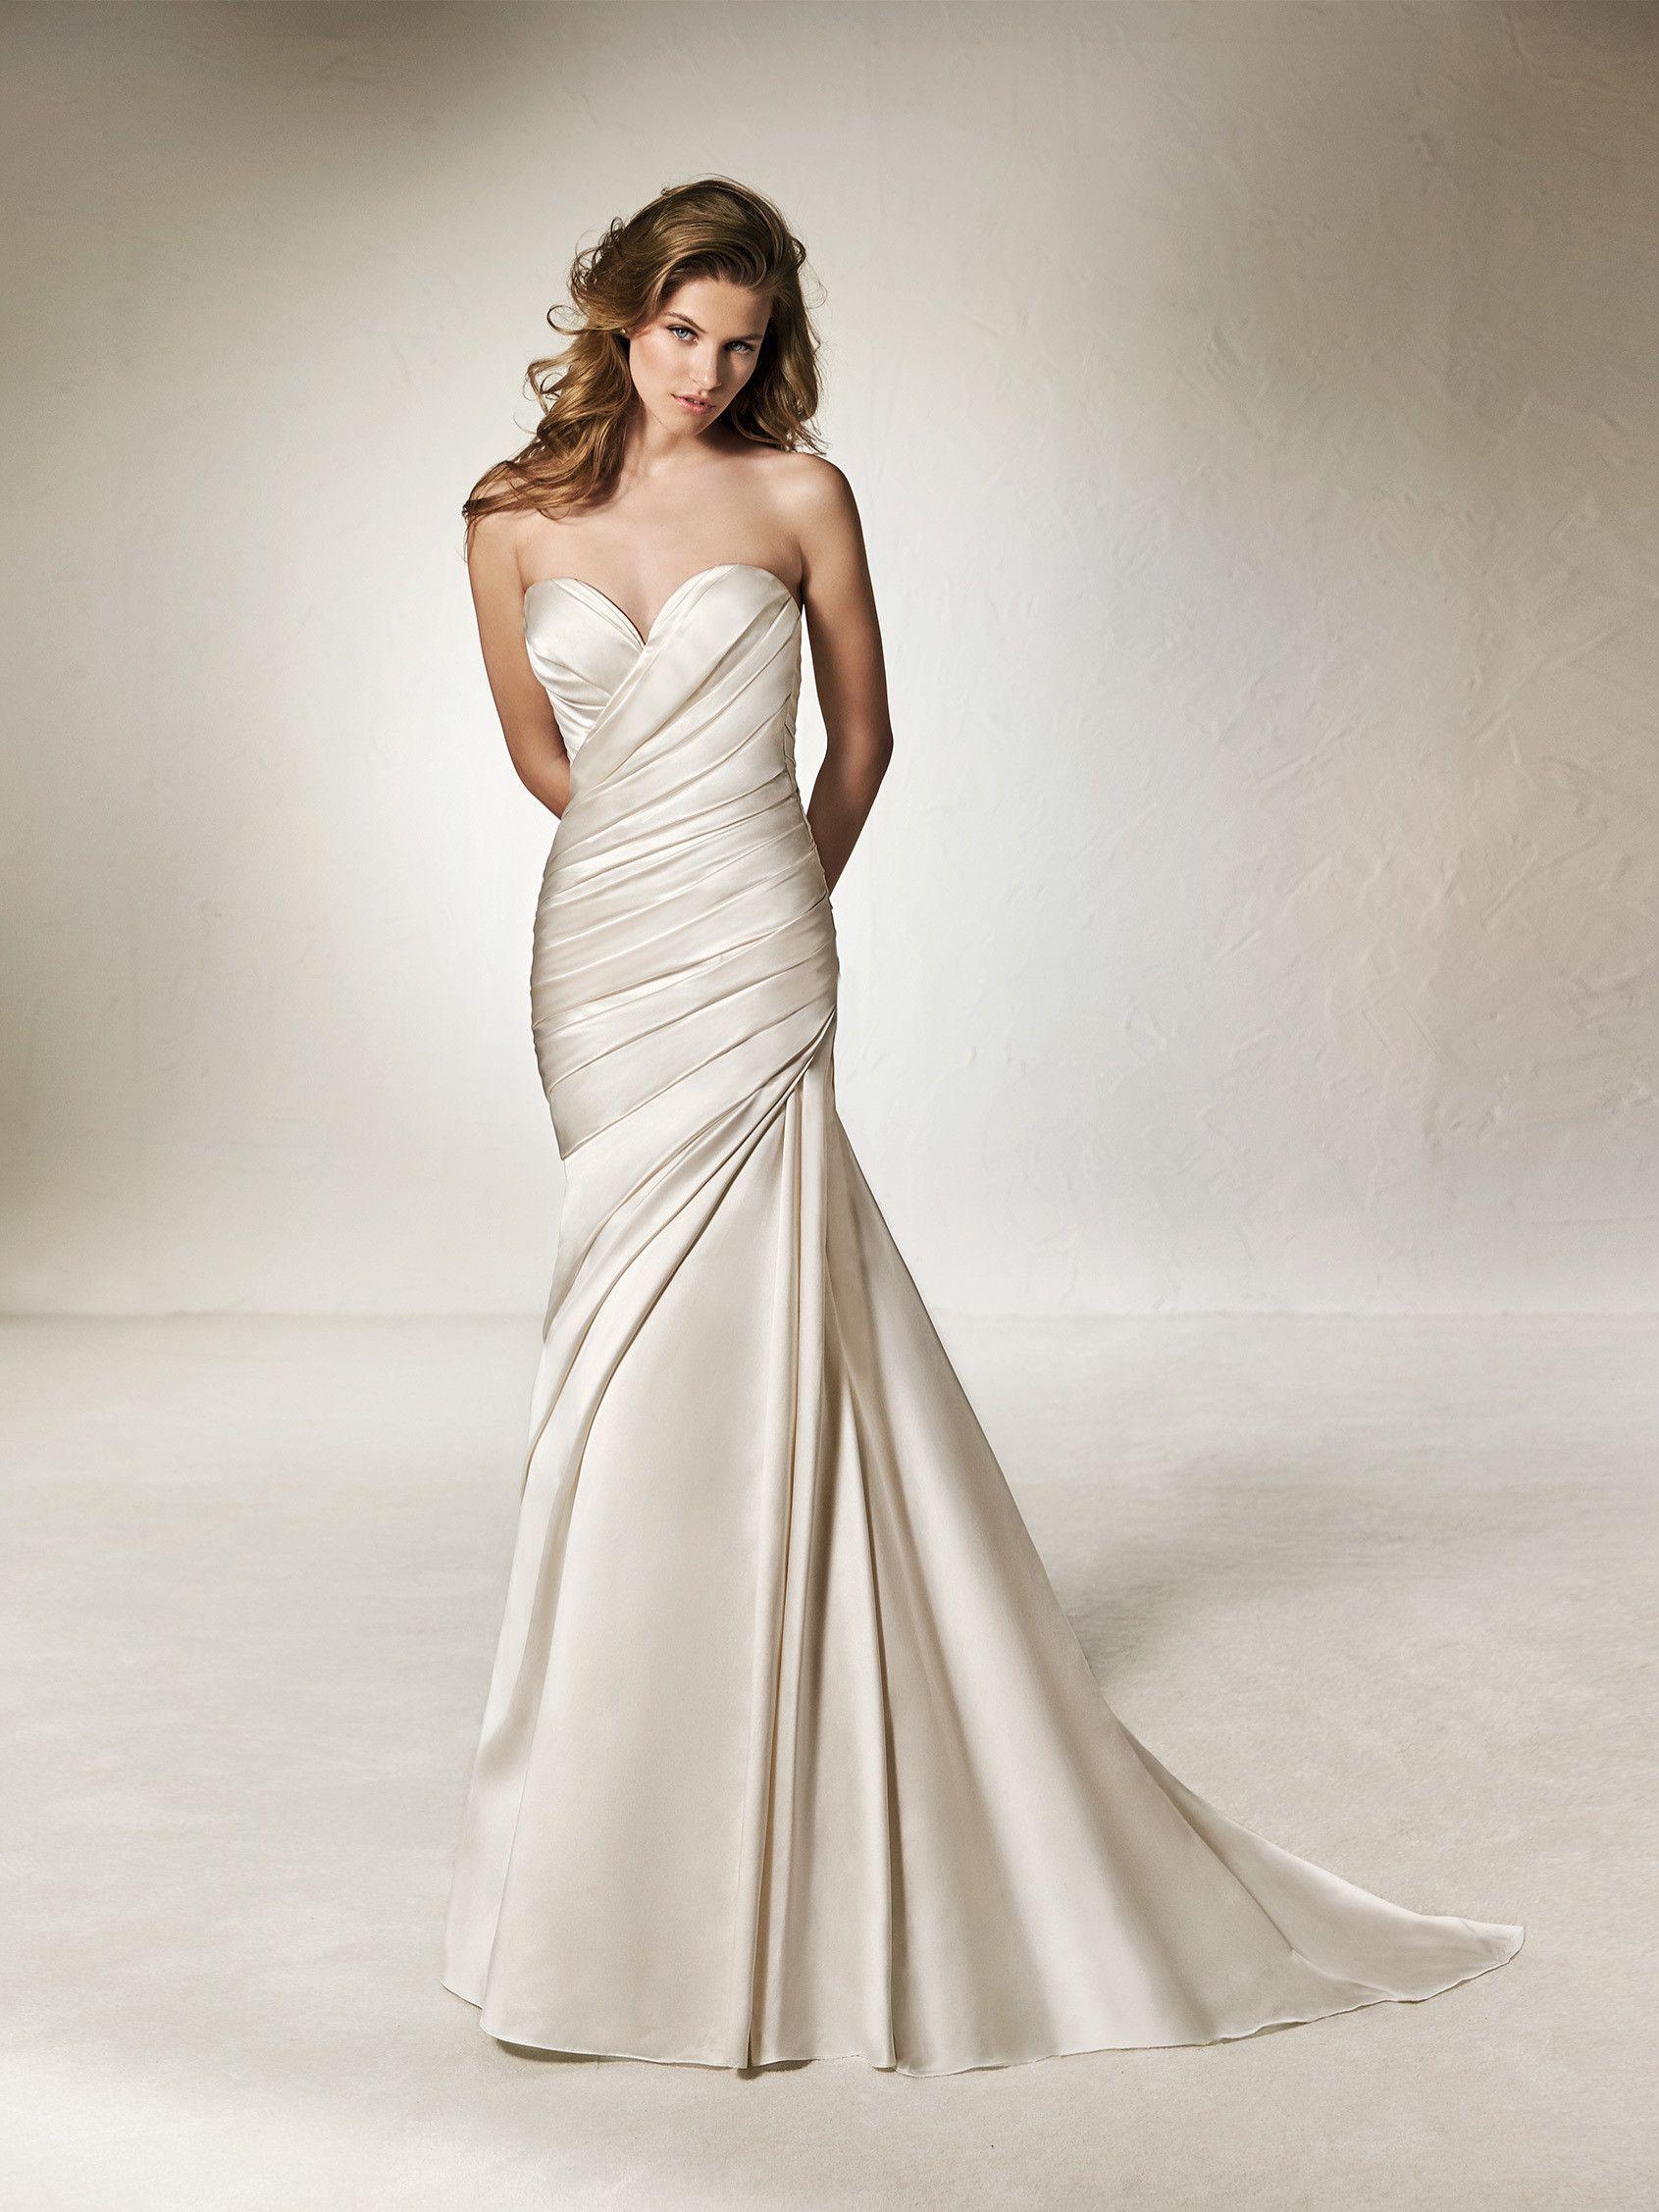 29240d95d CHANTAL  Sensual y femenino vestido de novia de diseño sirena en raso y tul  en el que destaca el drapeado del escote corazón y la cadera.